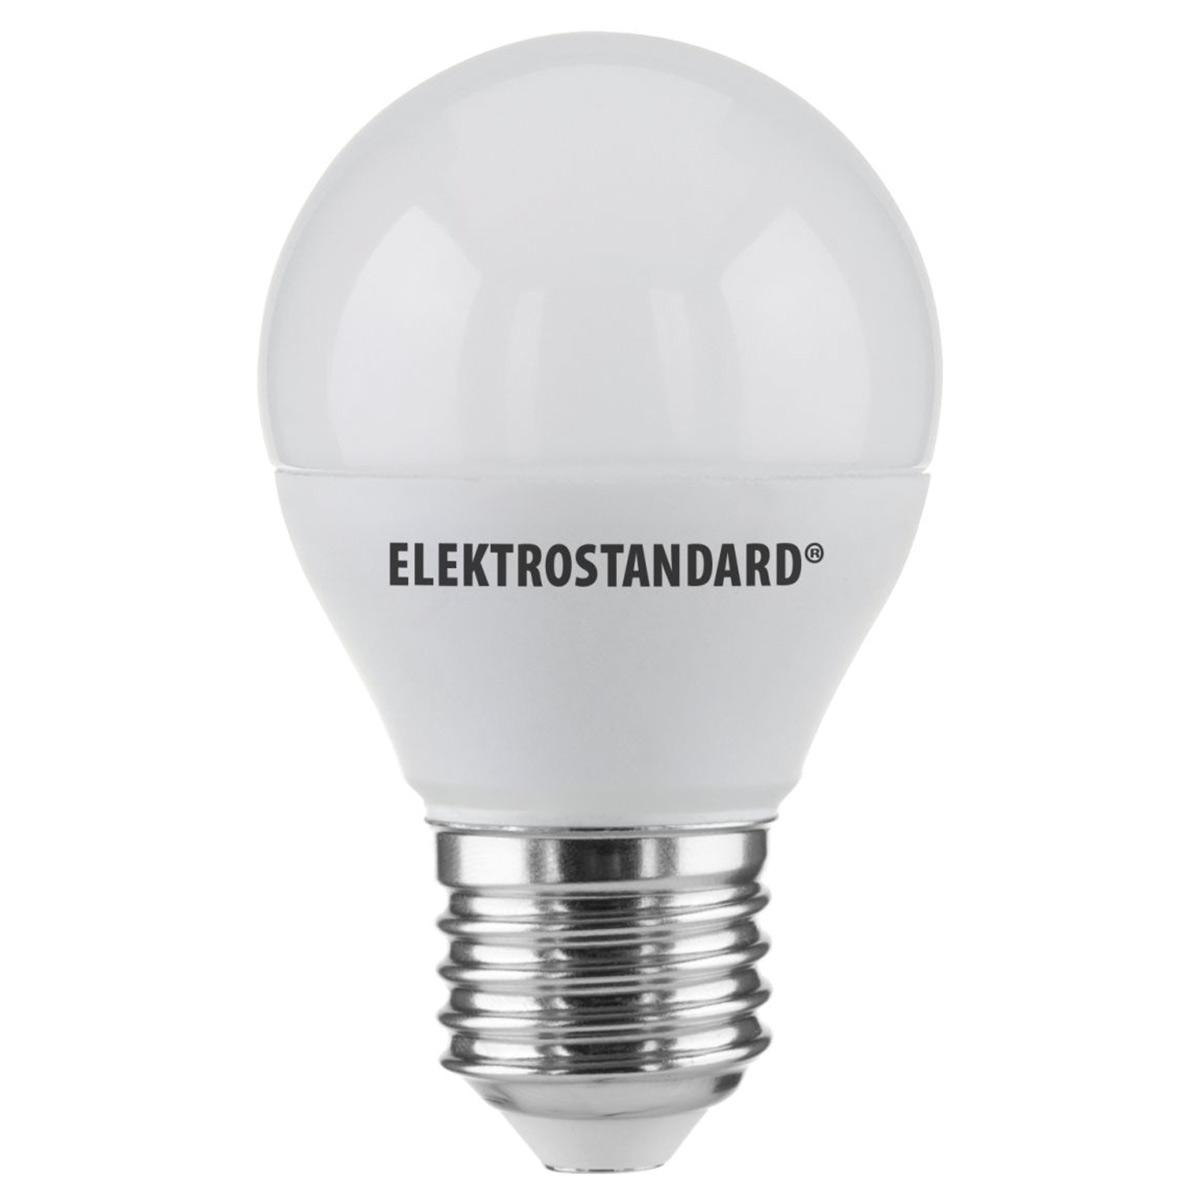 Лампа светодиодная E27 7W 4200K матовая 4690389085406 лампы светодиодная elektrostandard classic led d 7w 4200k e27